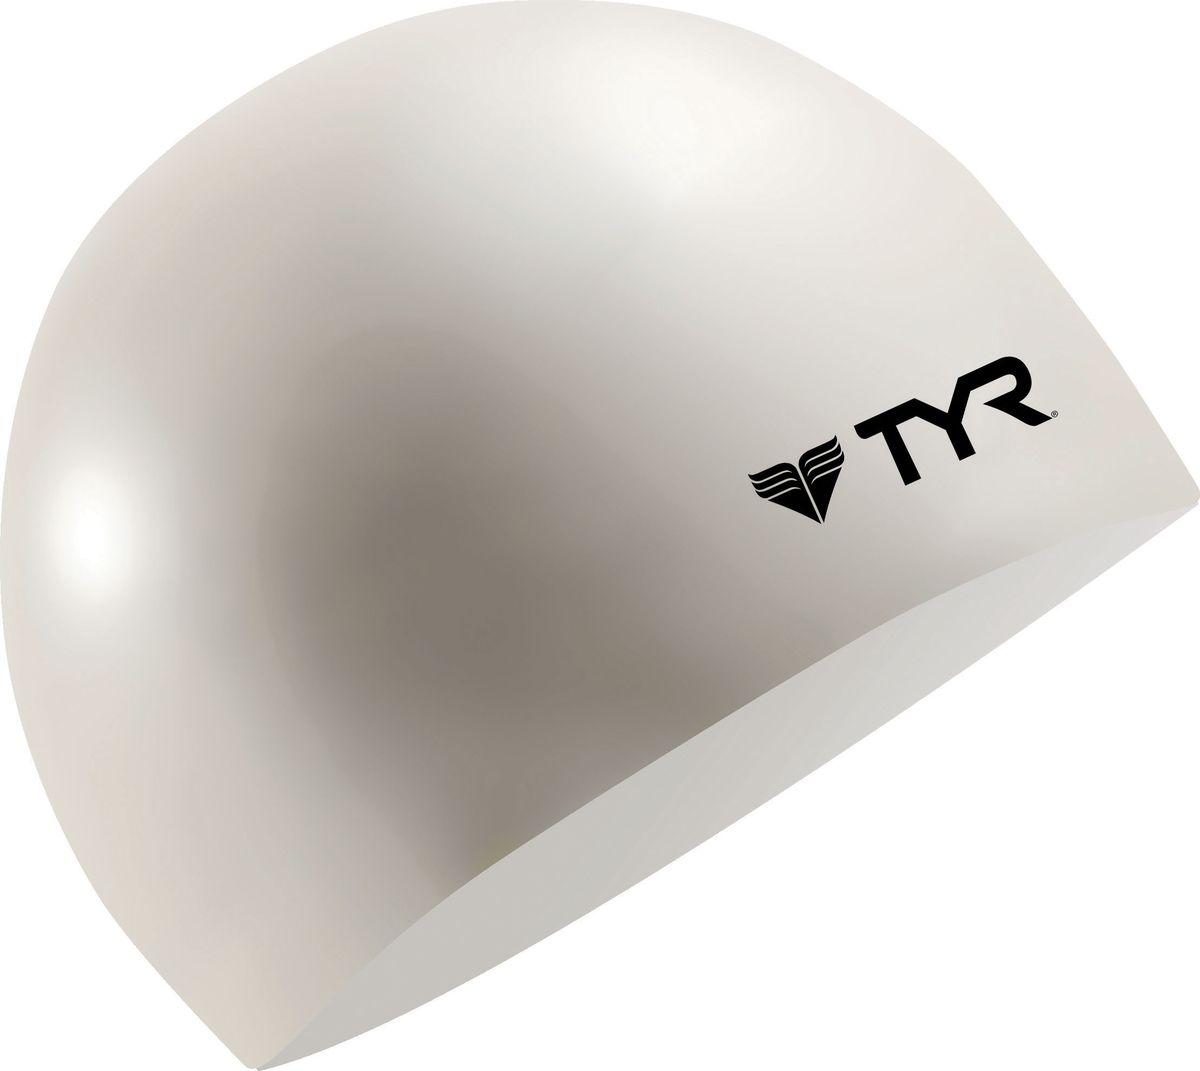 Шапочка плавательная Tyr Wrinkle Free Silicone Cap, цвет: белый. LCSLCSСиликоновая шапочка TYR Wrinkle Free – изготовлена из высококачественного материала устойчивого к воздействию хлорированной воды, что гарантирует долгий срок службы. Материал шапочки не вызывает раздражения кожи и других аллергических реакций. Прекрасный вариант для тренировок в бассейне.